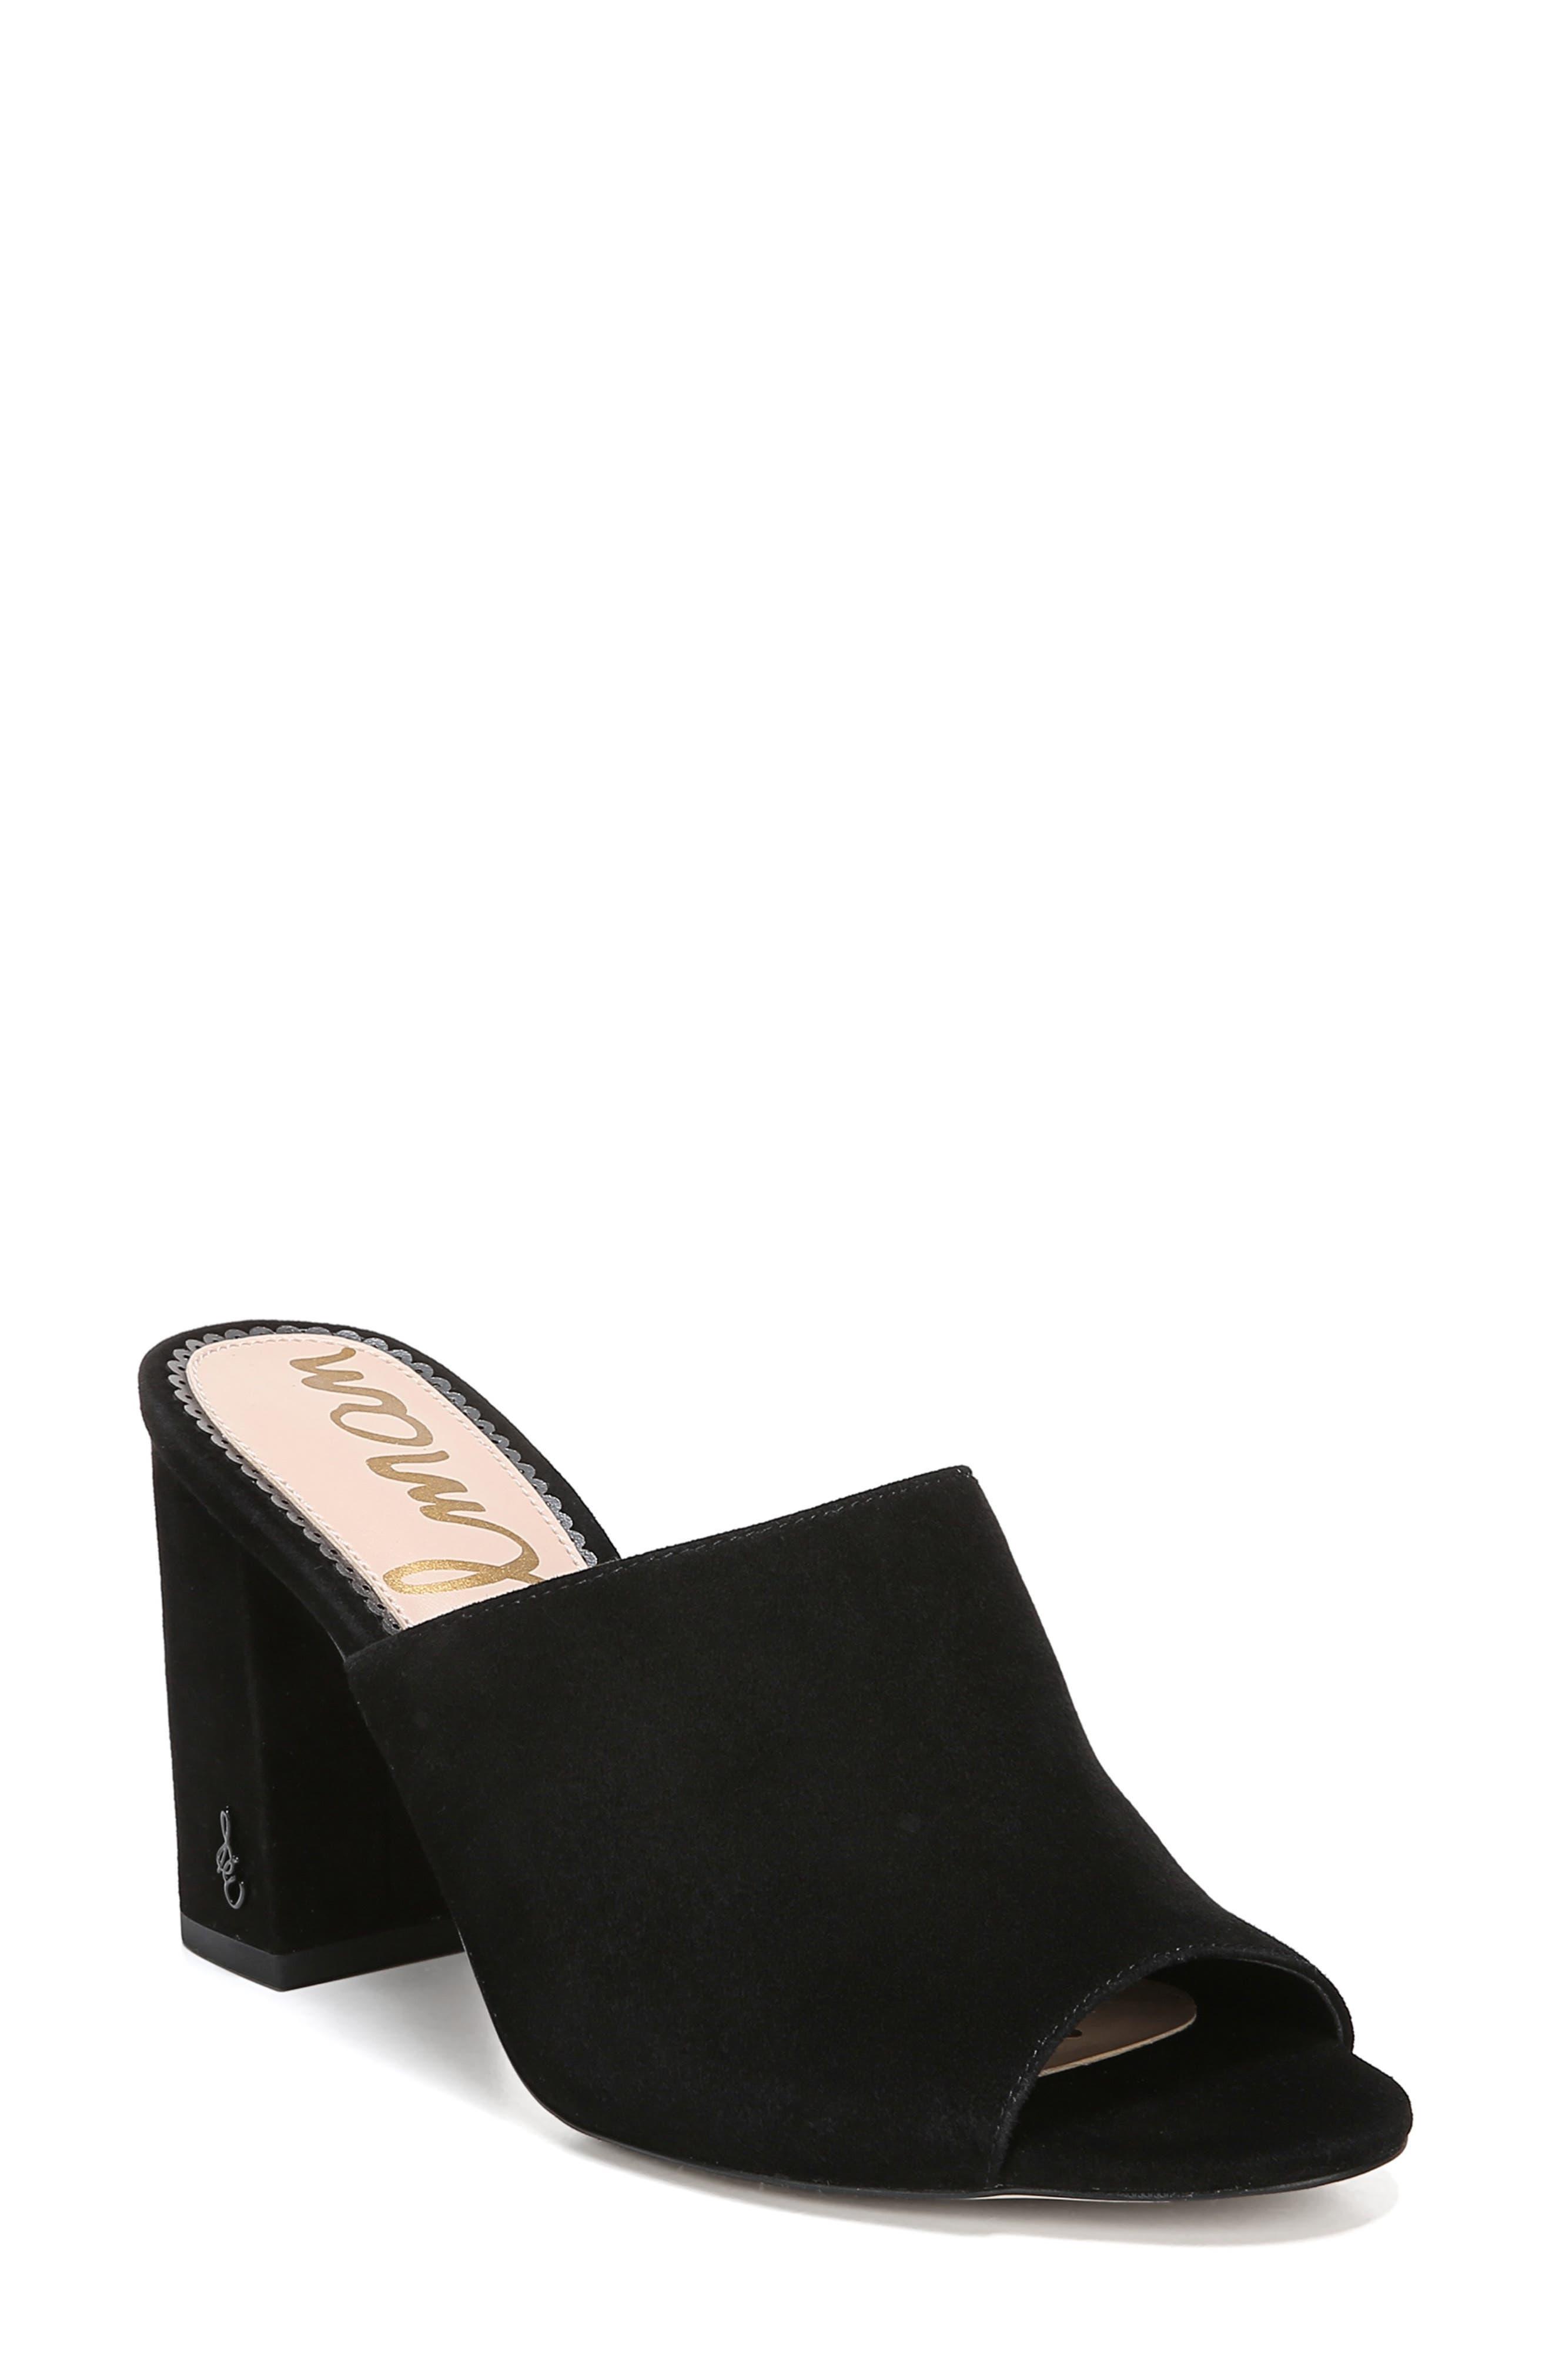 Orlie Open Toe Mule, Main, color, BLACK